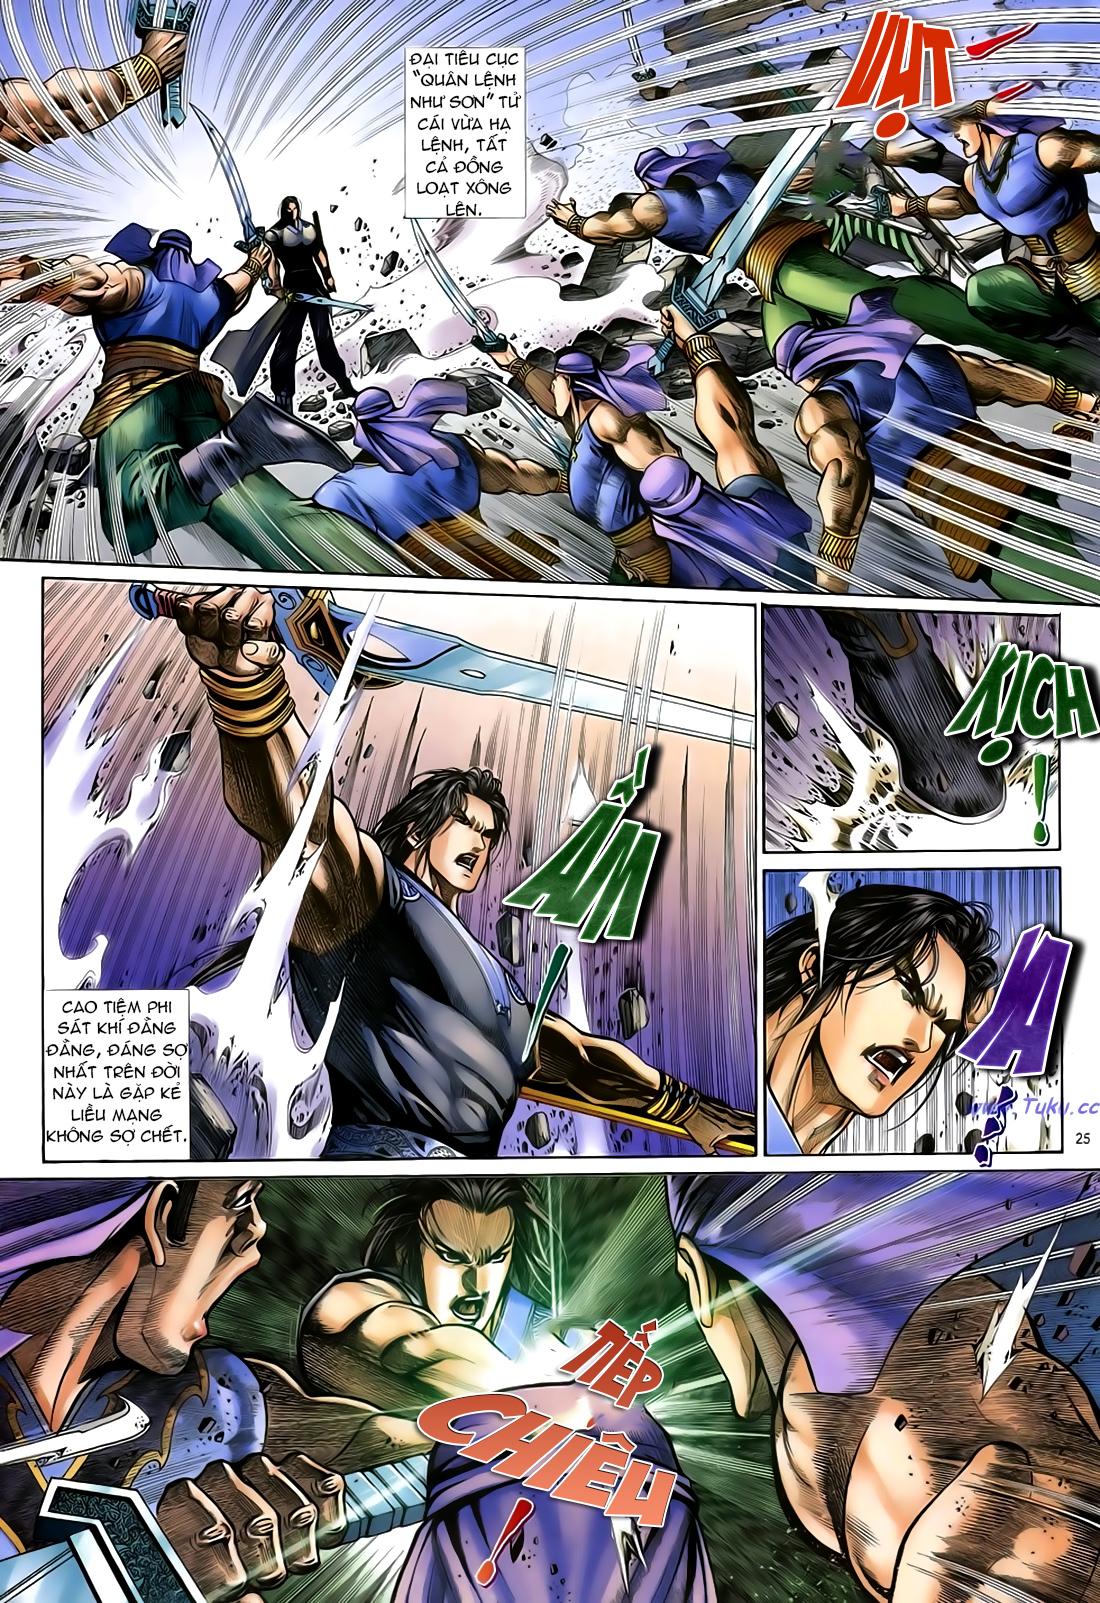 Anh hùng vô lệ Chap 24 trang 26